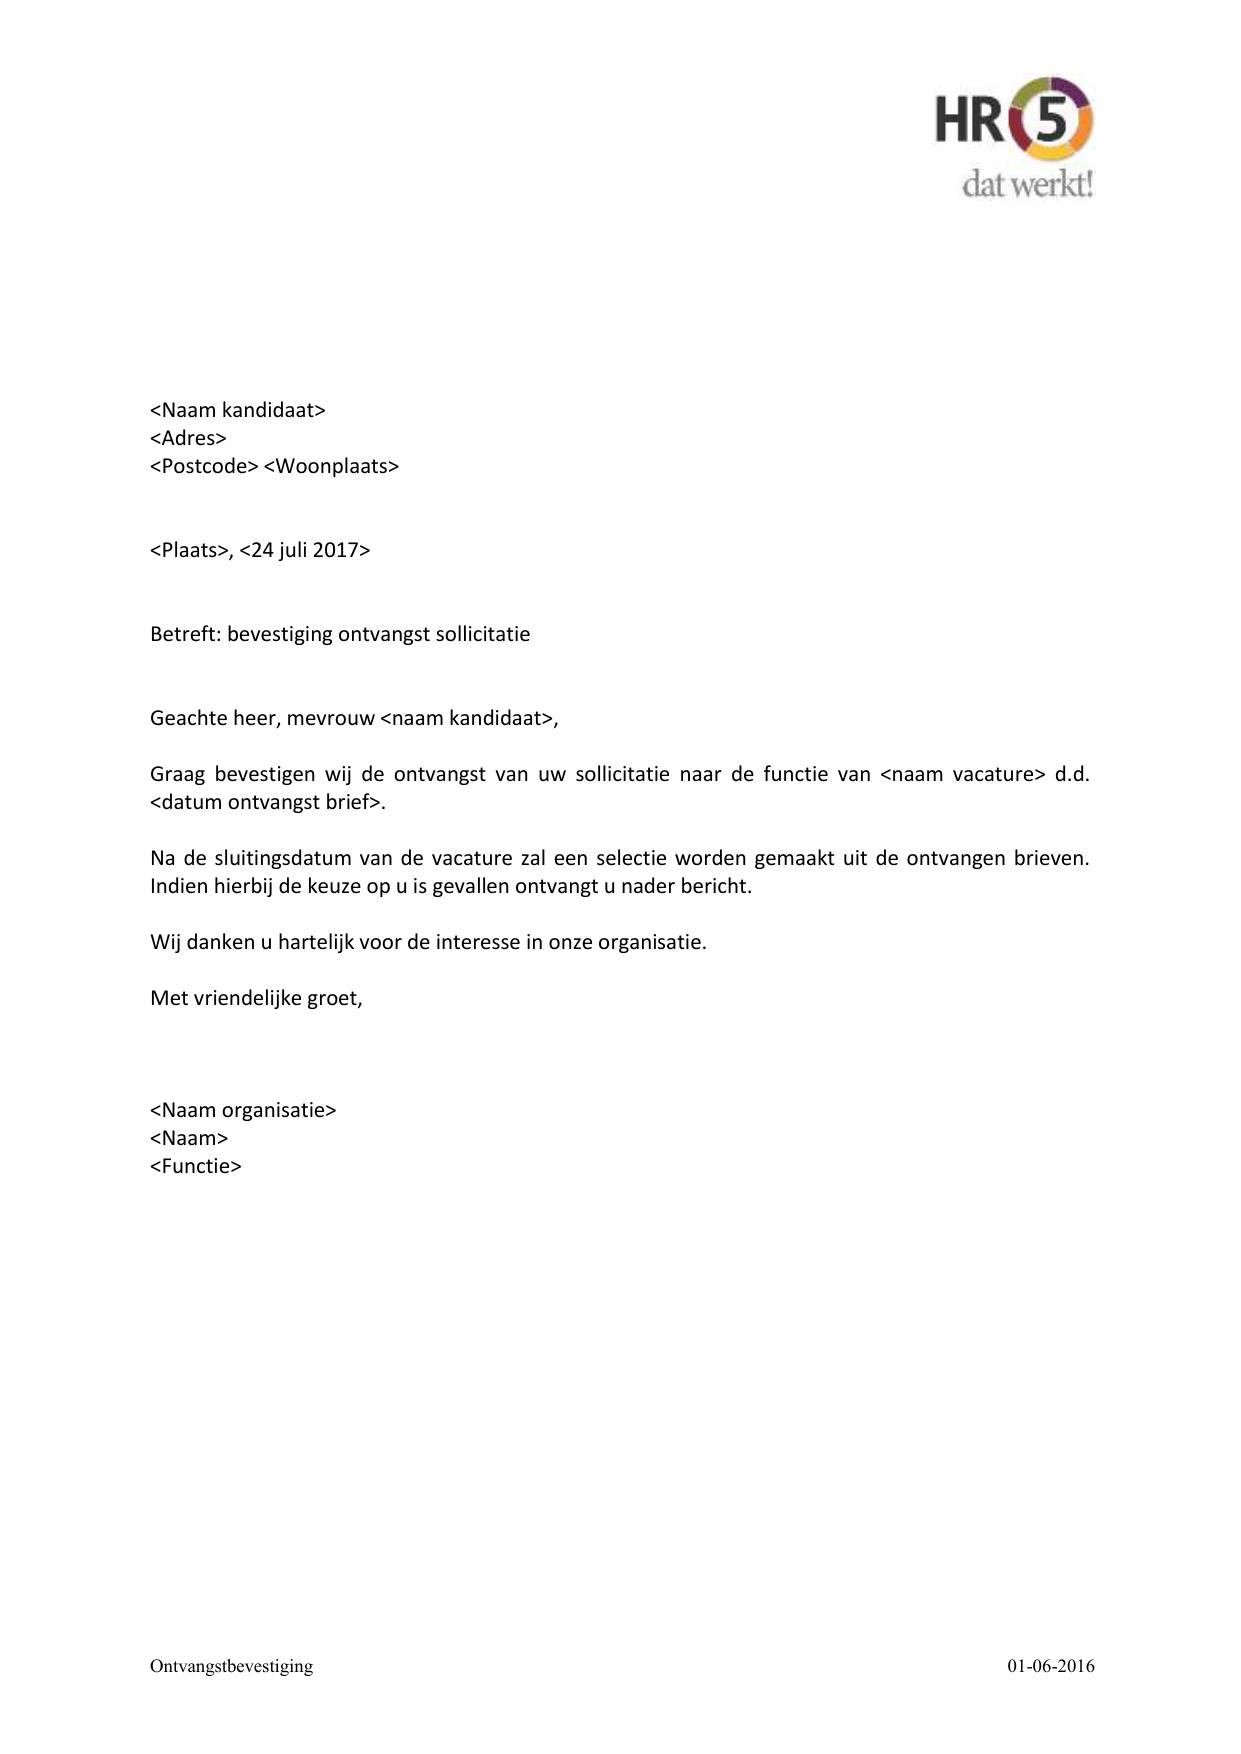 ontvangstbevestiging sollicitatie Brief bevestiging ontvangst sollicitatie